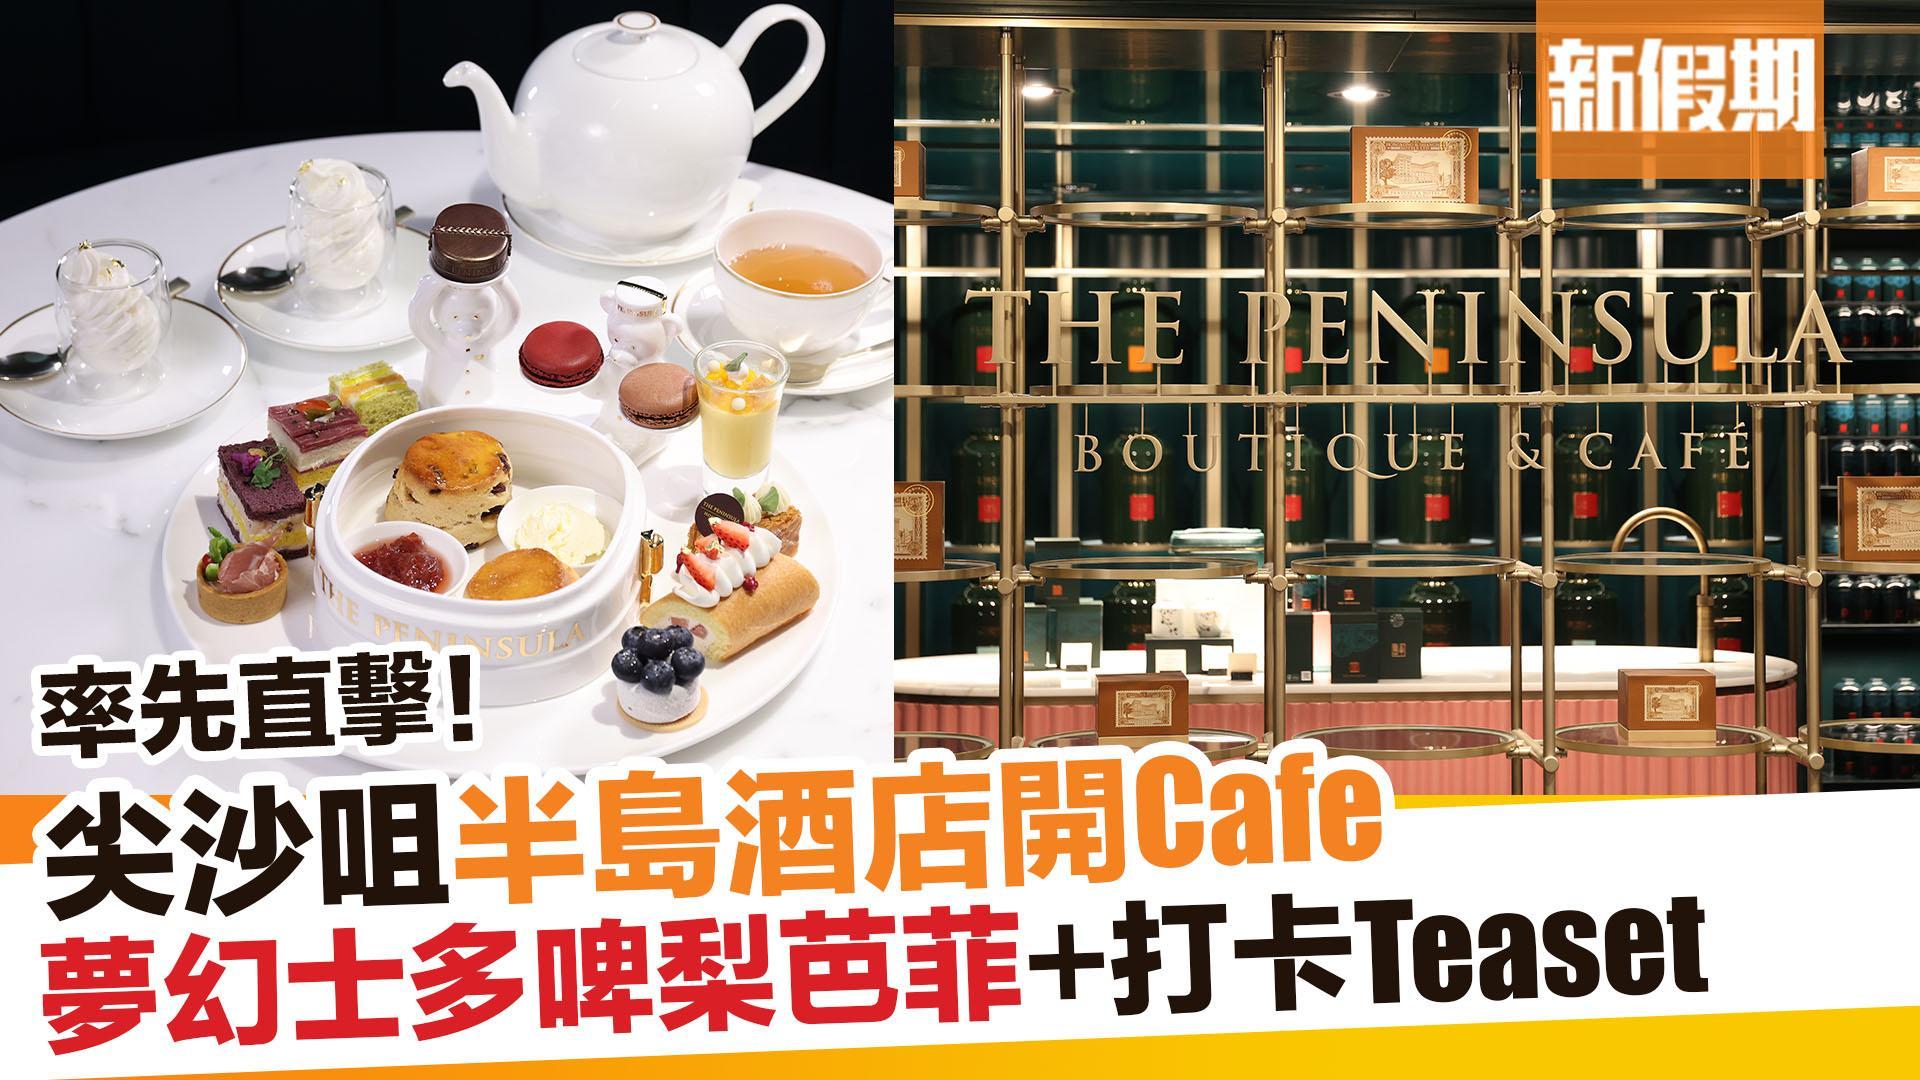 【區區搵食】半島酒店The Peninsula開Cafe!夢幻打卡士多啤梨芭菲+Teaset歎足12鹹甜點 新假期